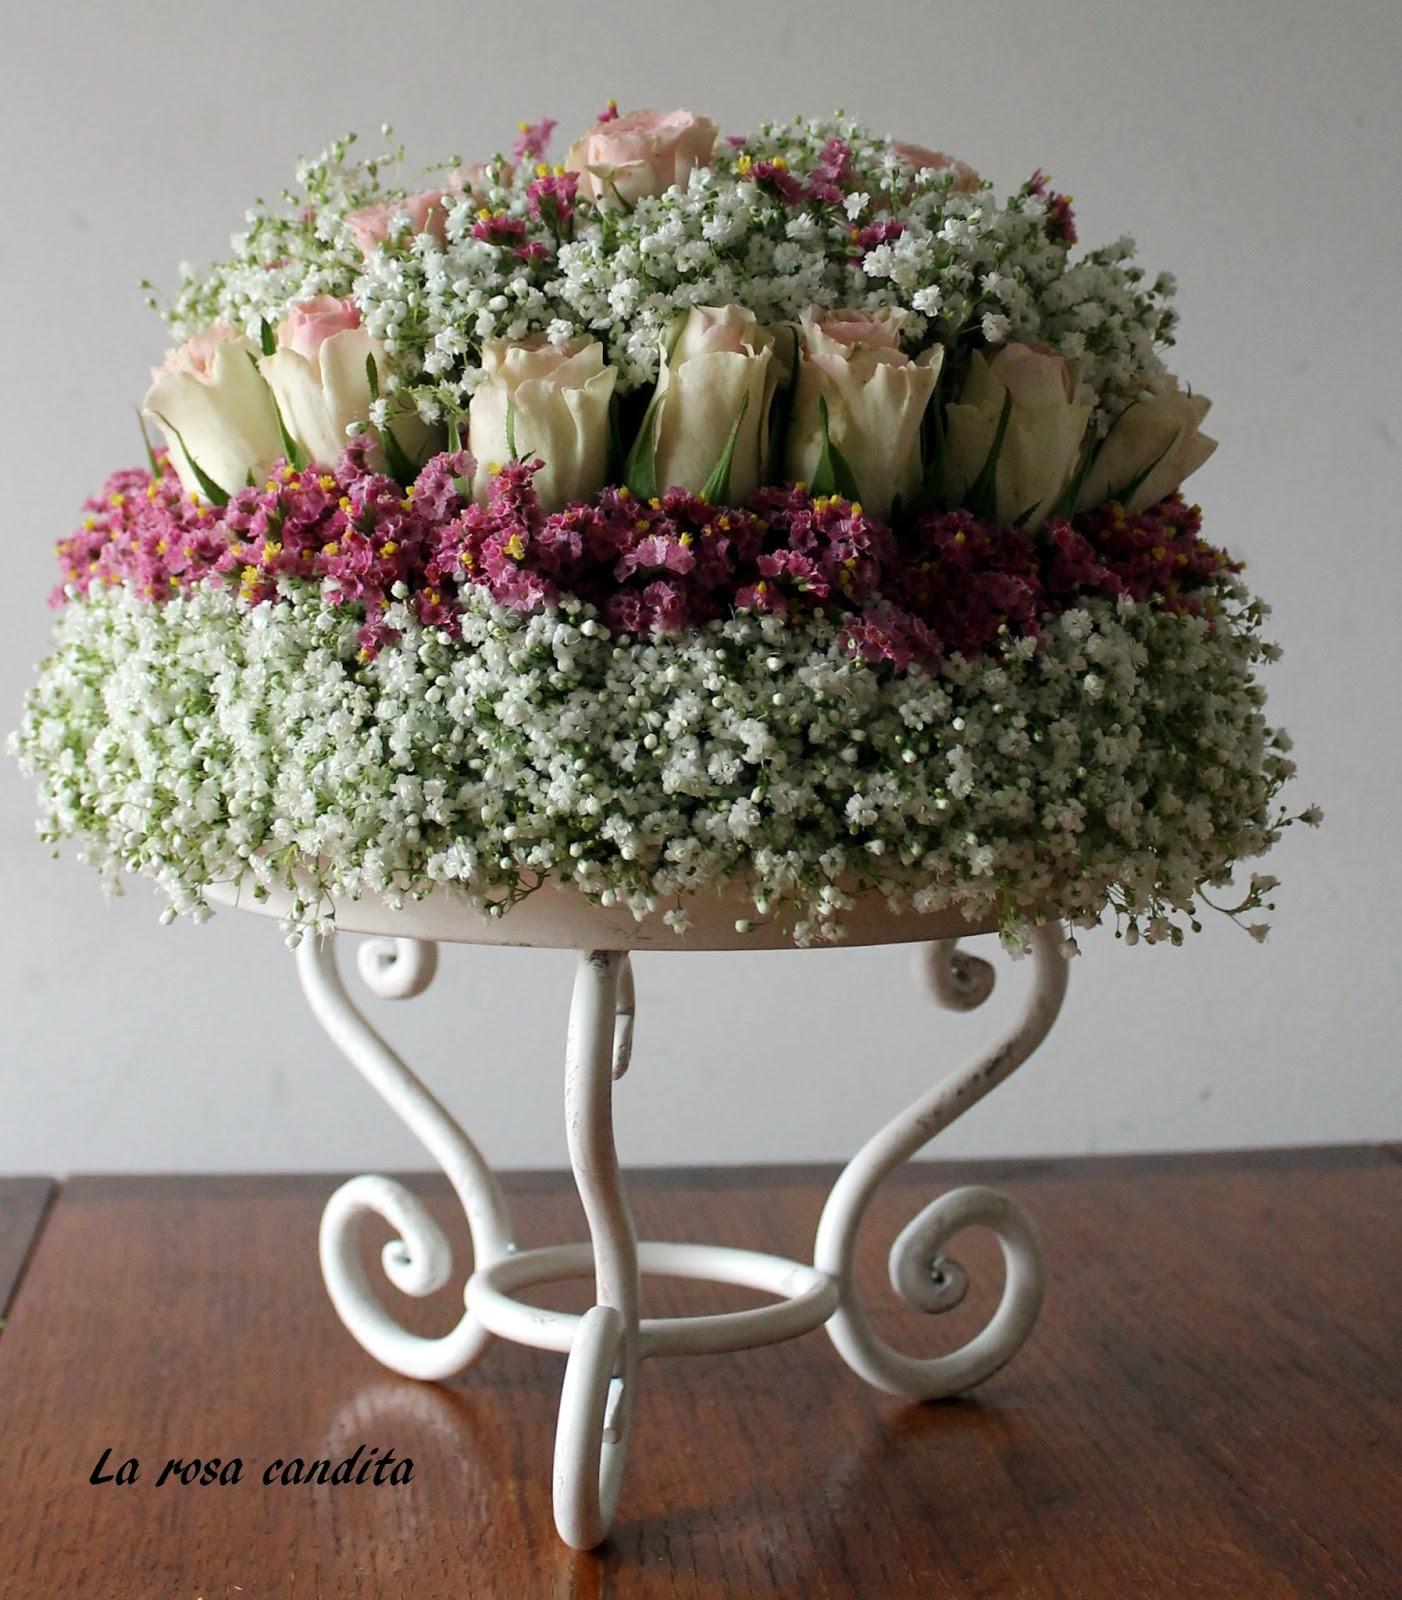 Conosciuto La rosa candita: Una torta di fiori BC25